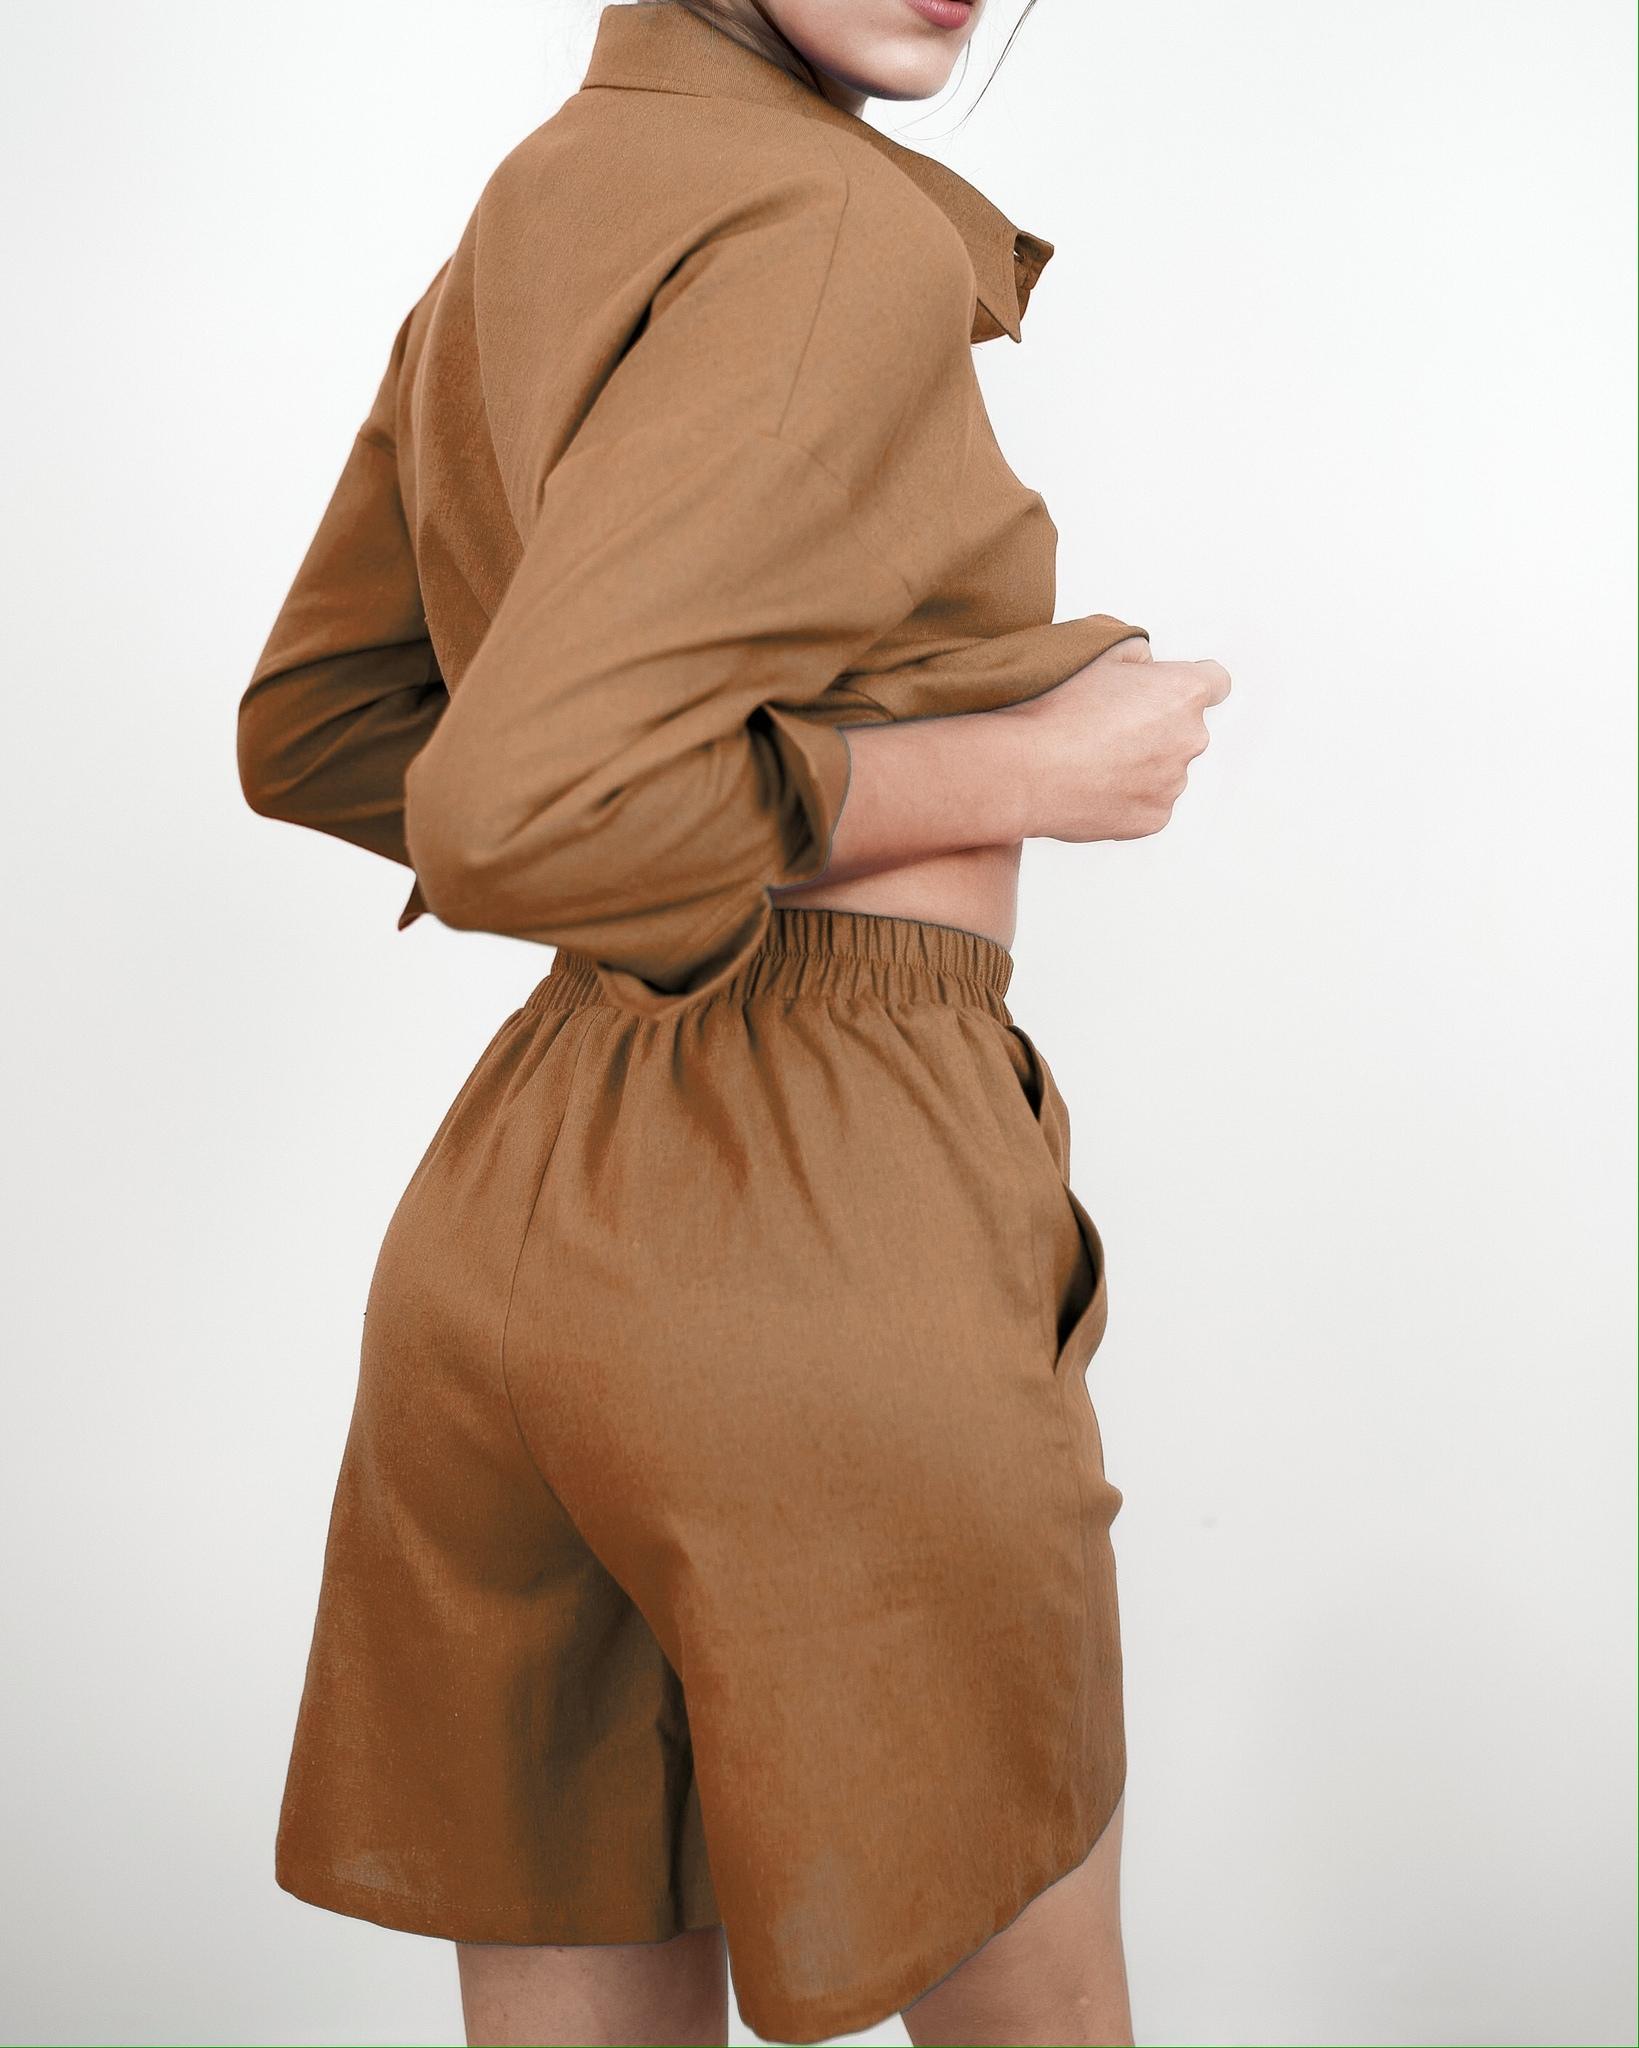 Льняные шорты Шоколад